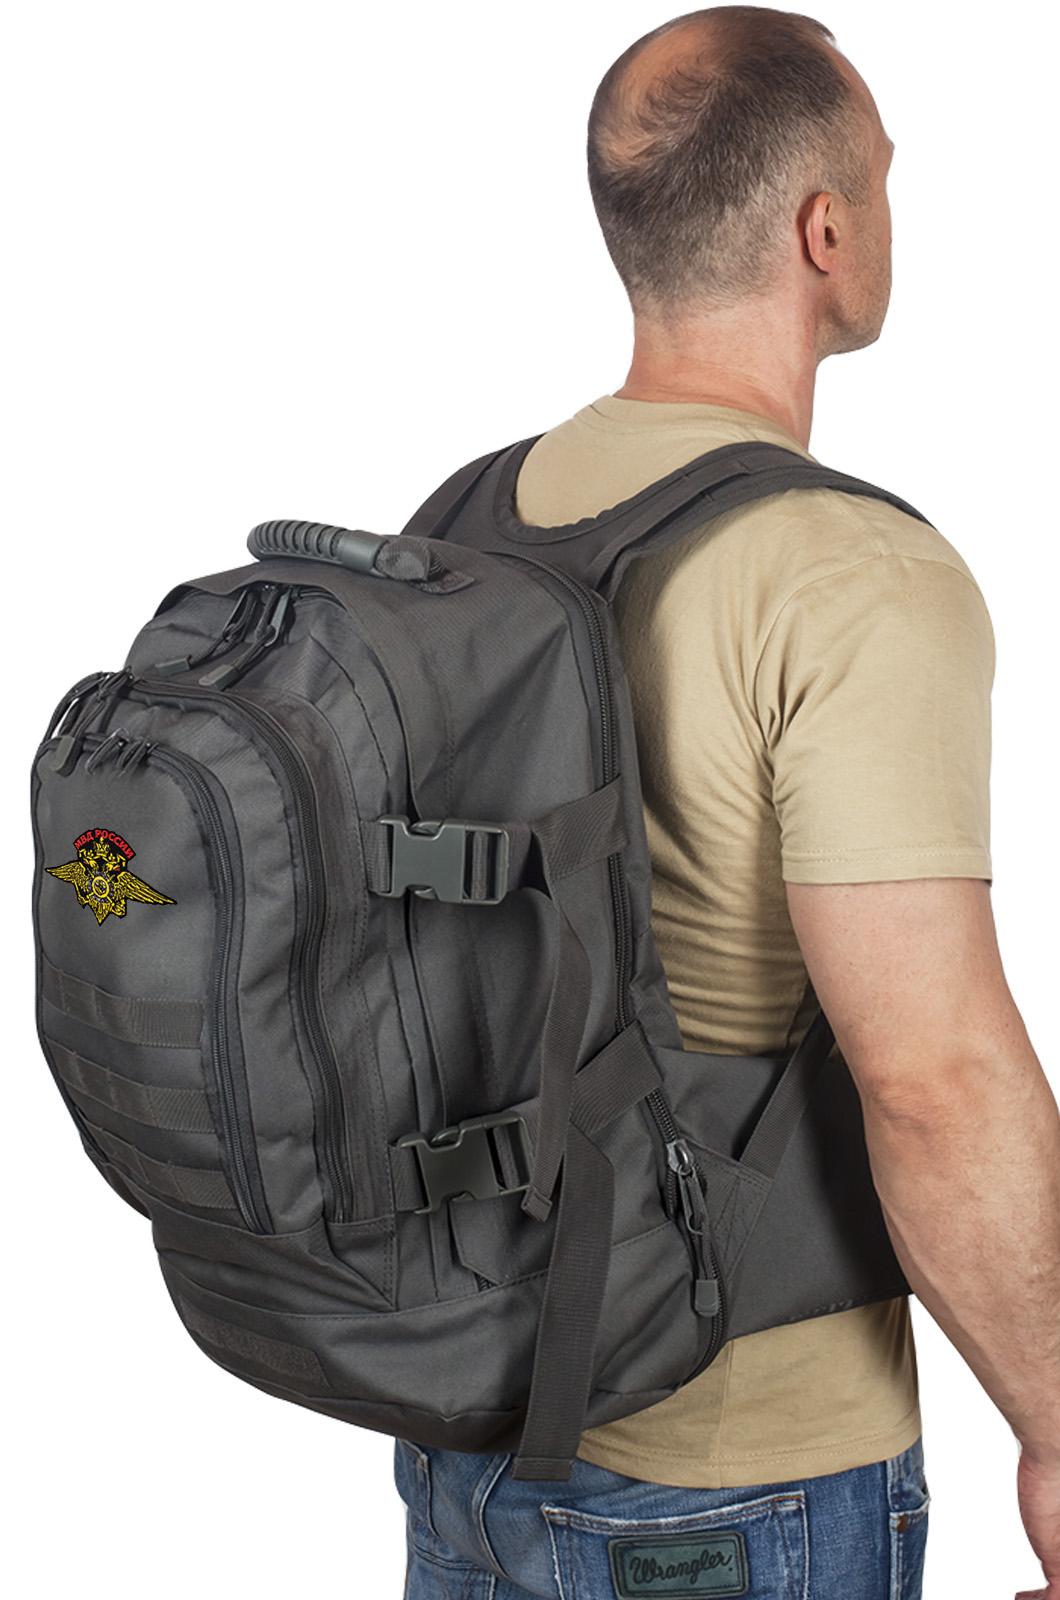 Зачетный рюкзак с эмблемой МВД России купить с доставкой